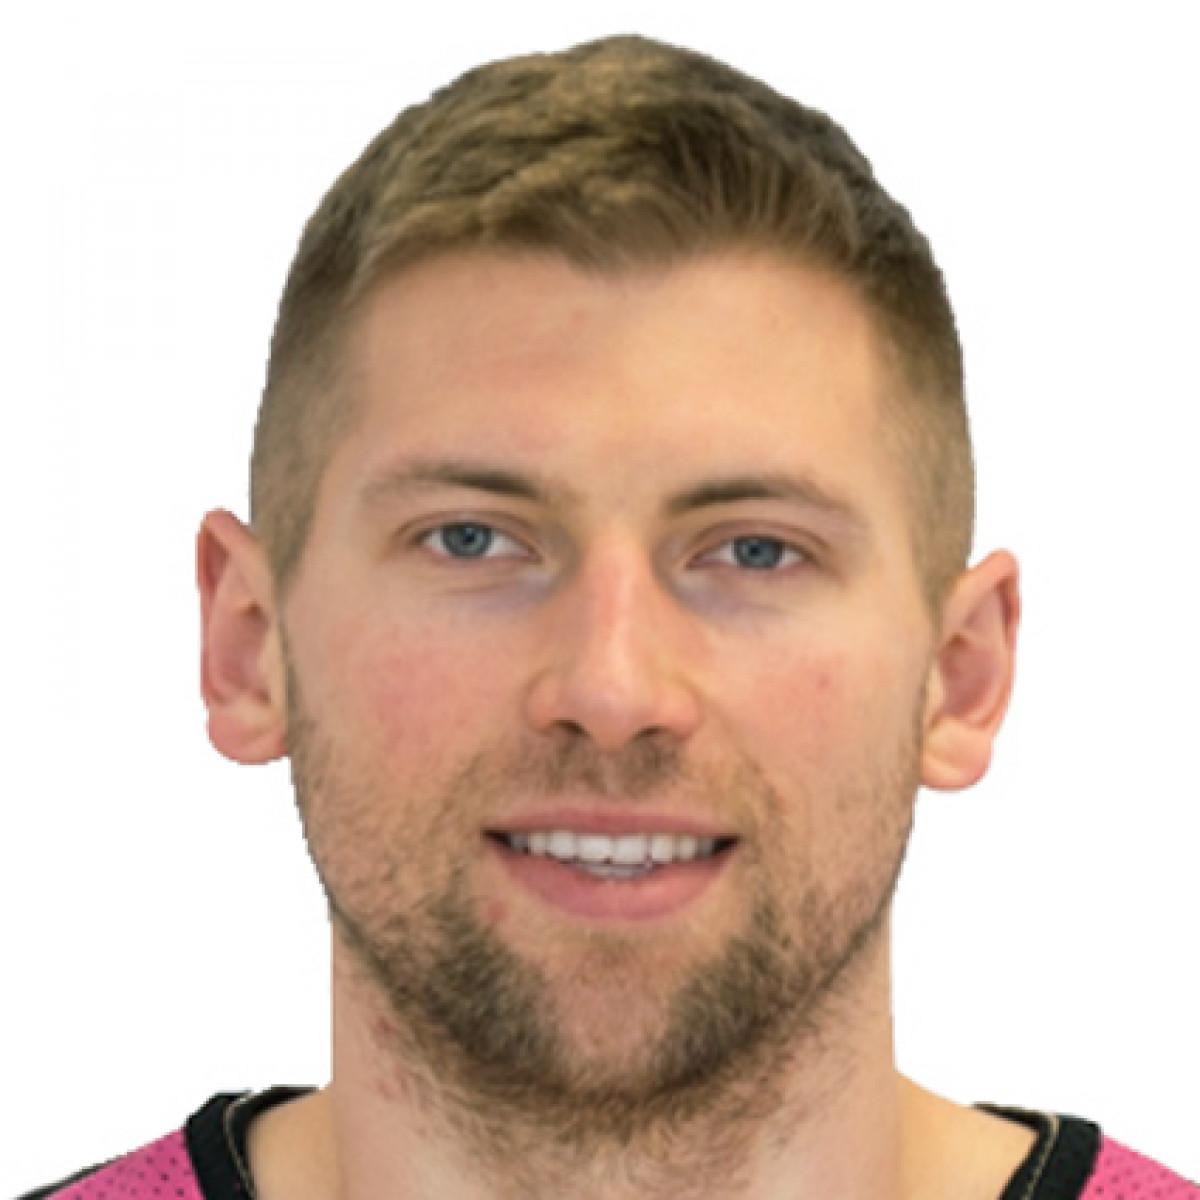 Bryce Douvier